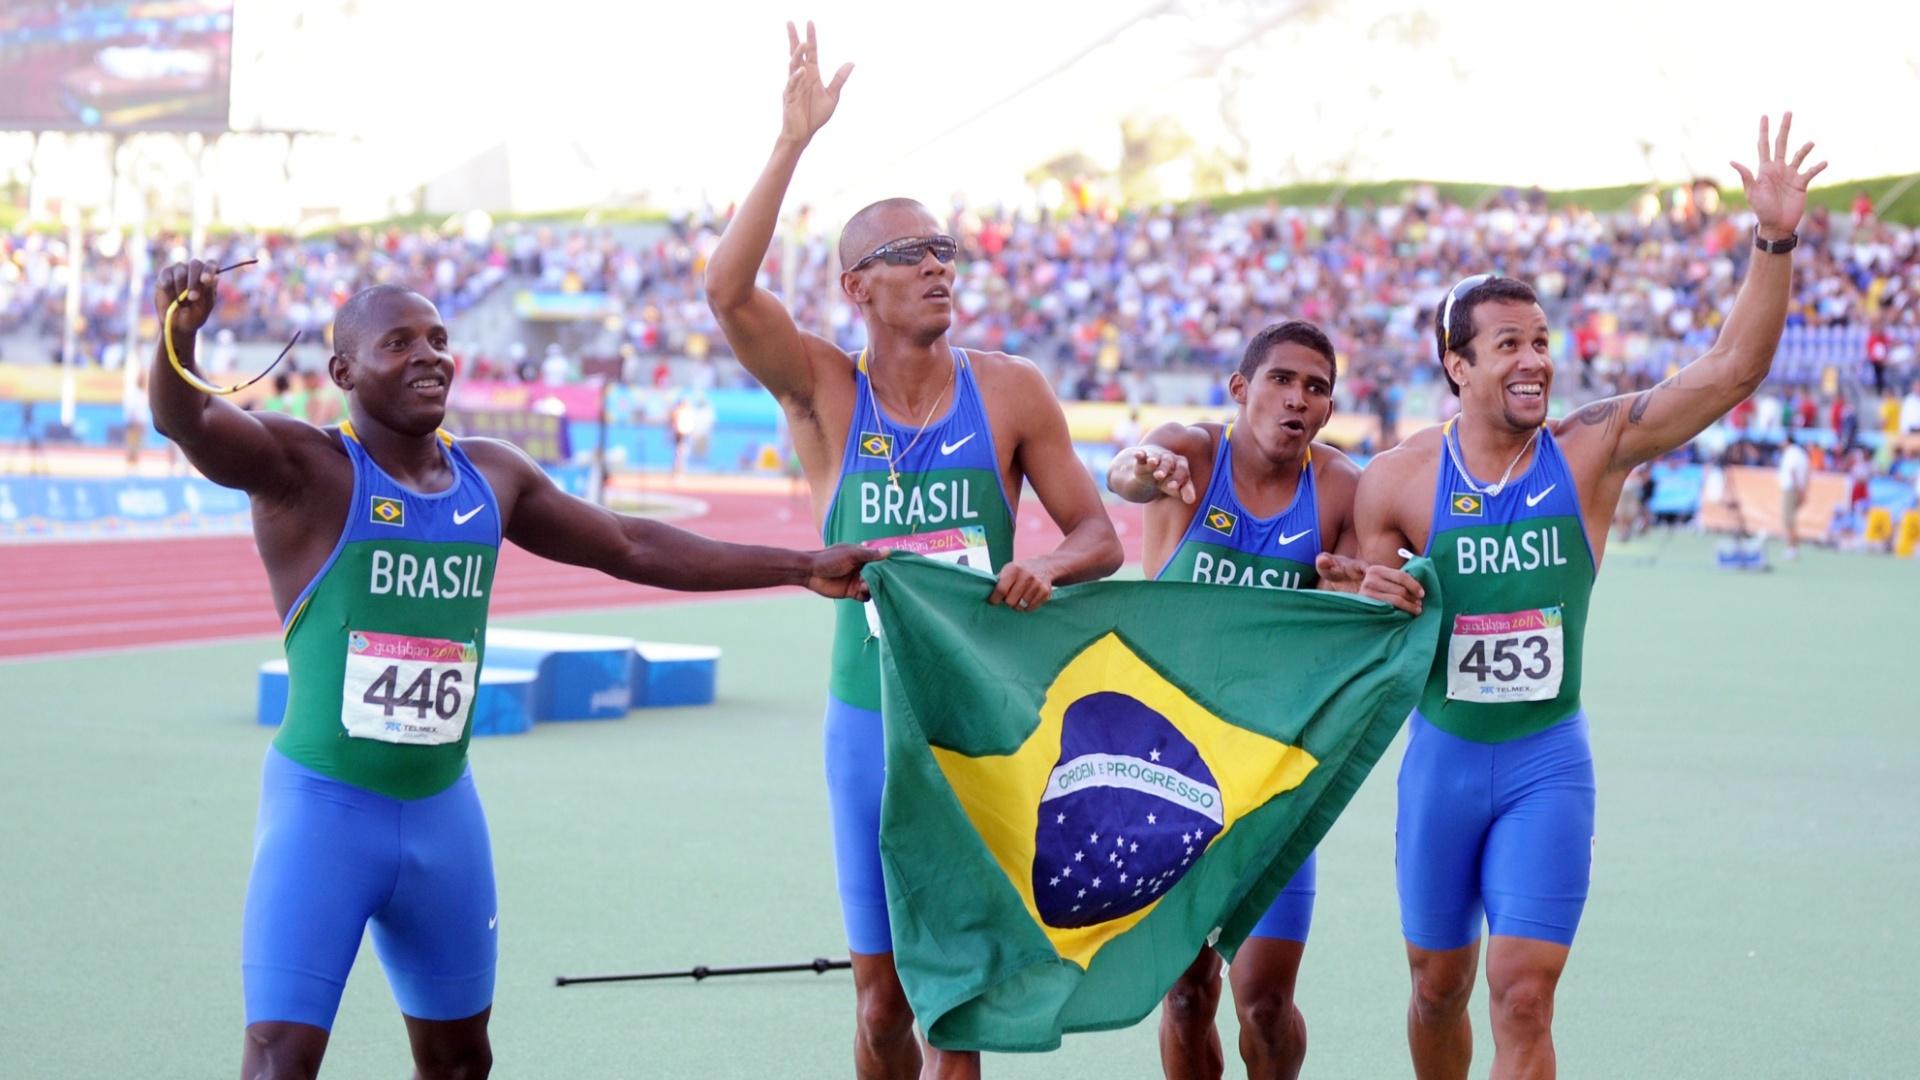 Brasil igualou o recorde panamericano no revezamento 4x100 m, com o tempo de 38s18 (28/10/2011)